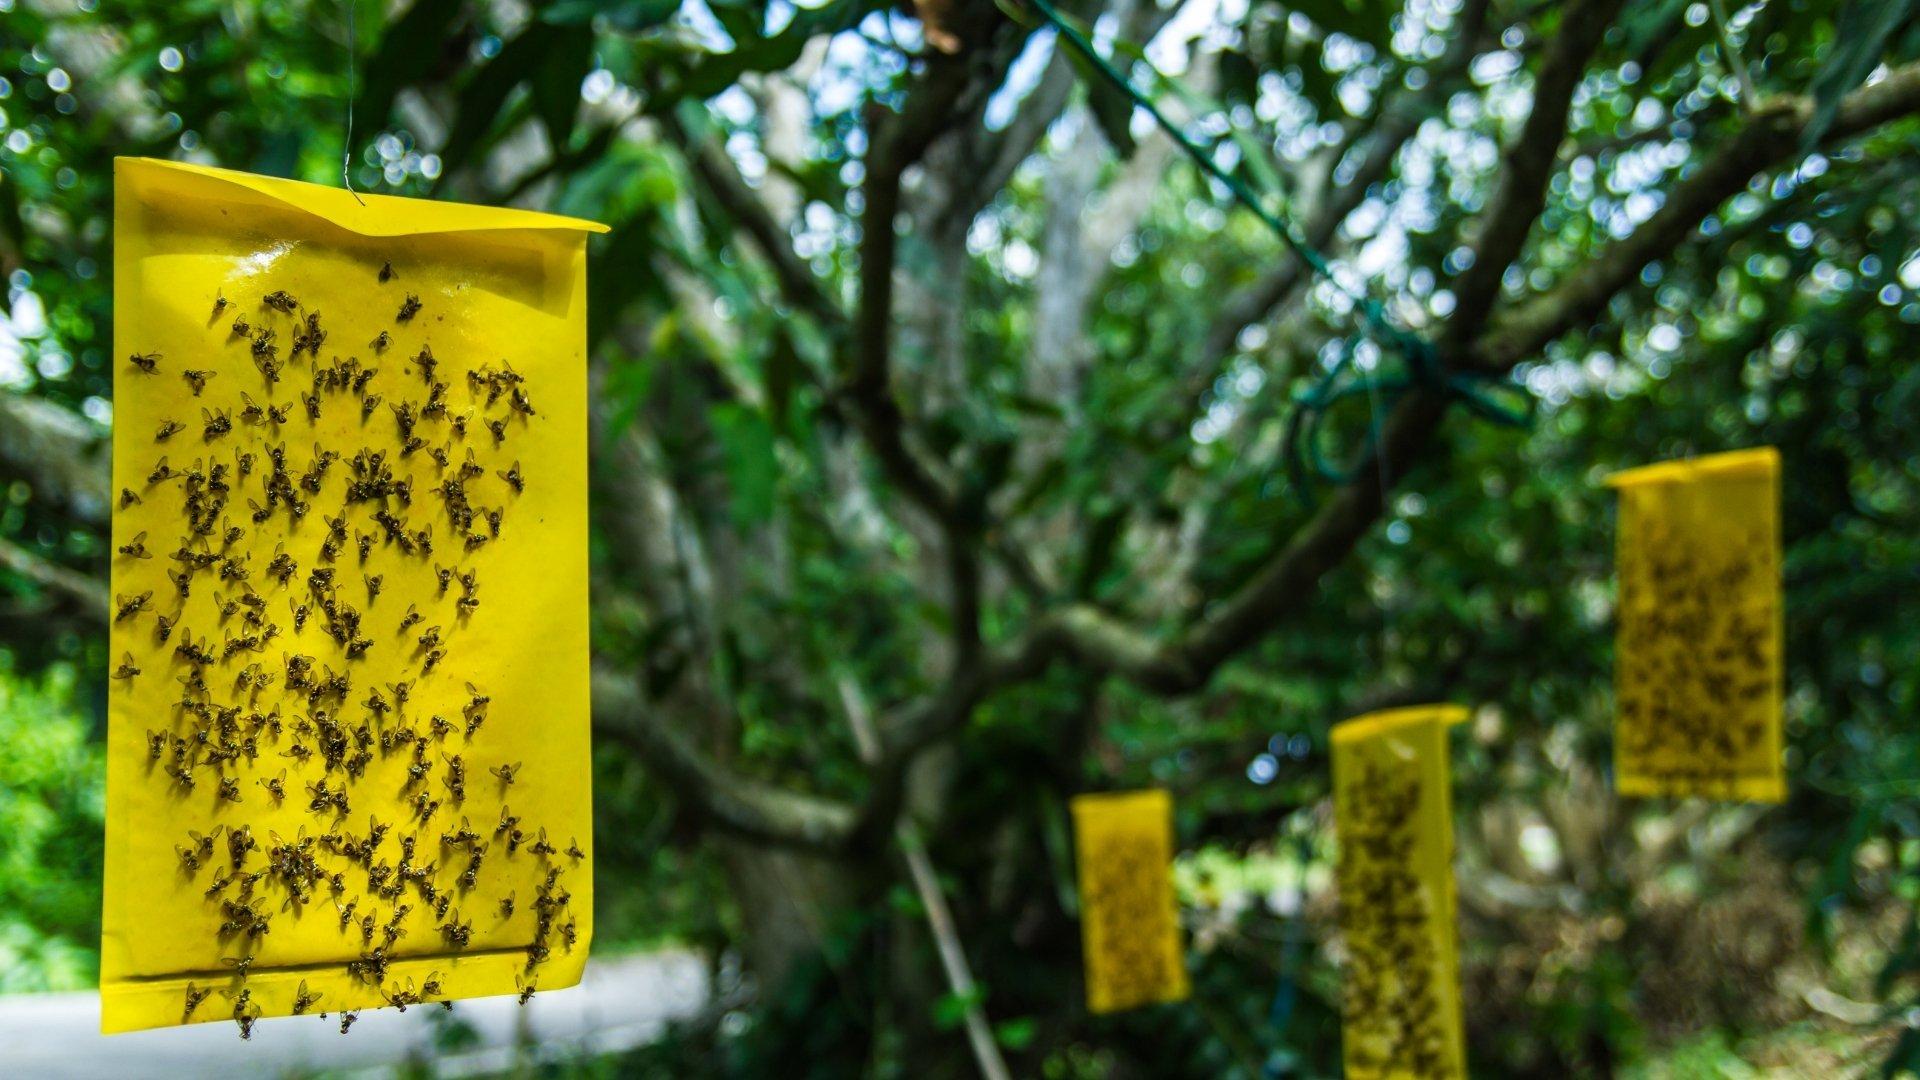 trampa casera para moscas con cinta adhesiva